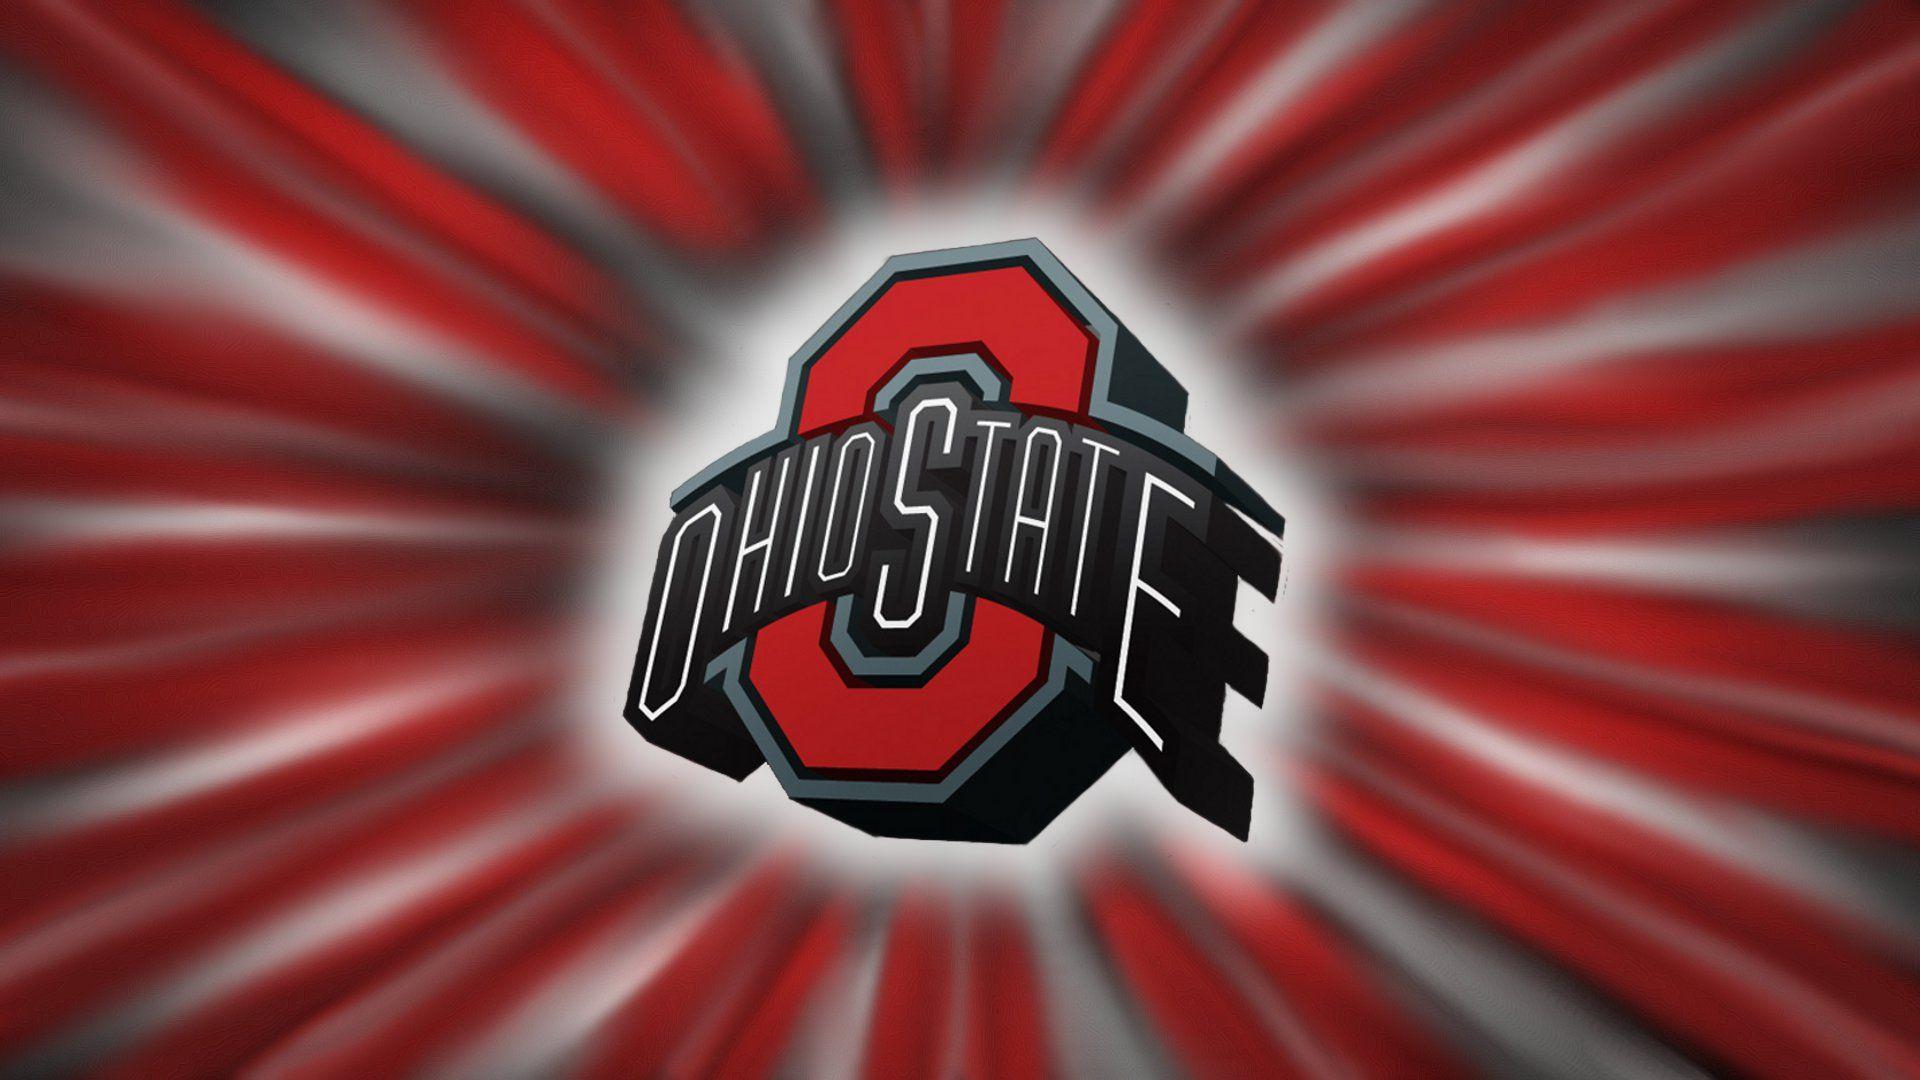 Ohio state football file name ohio state football wallpaper ohio state football file name ohio state football wallpaper voltagebd Choice Image